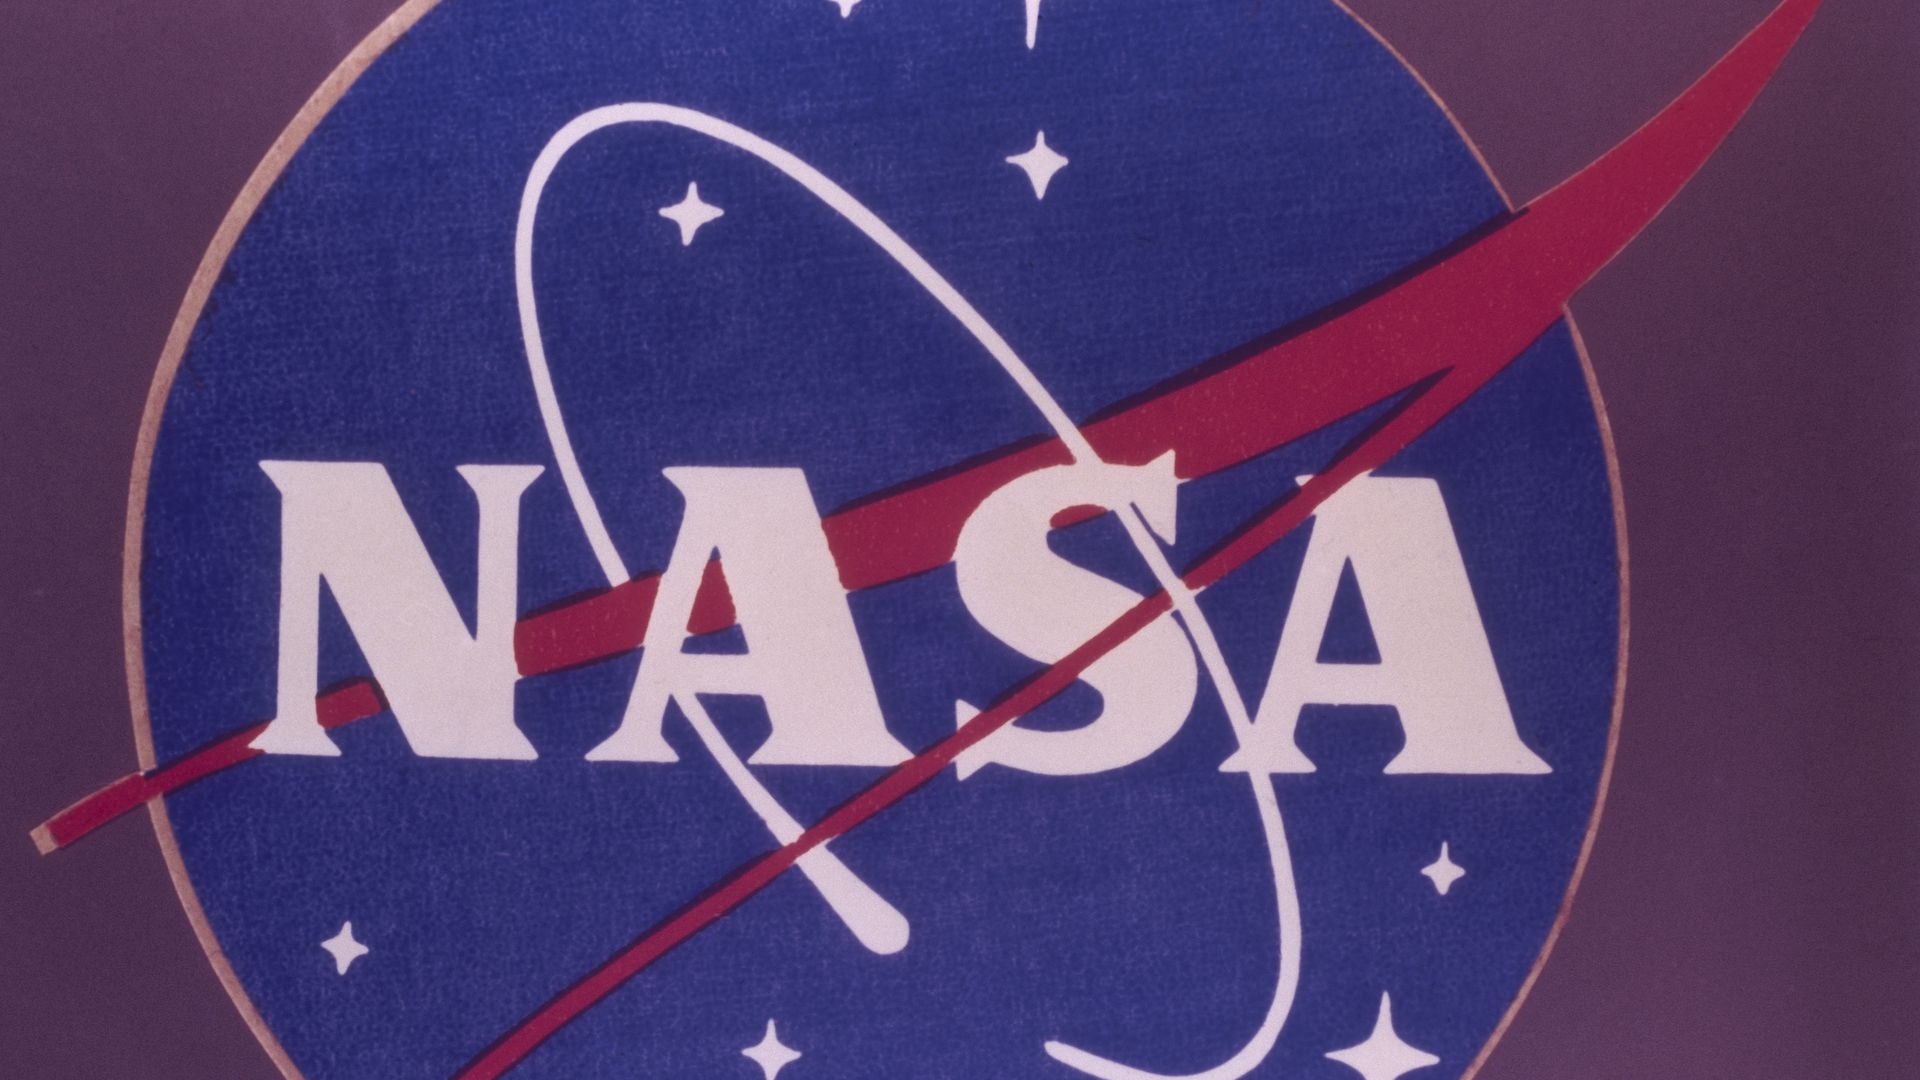 NASA's logo.